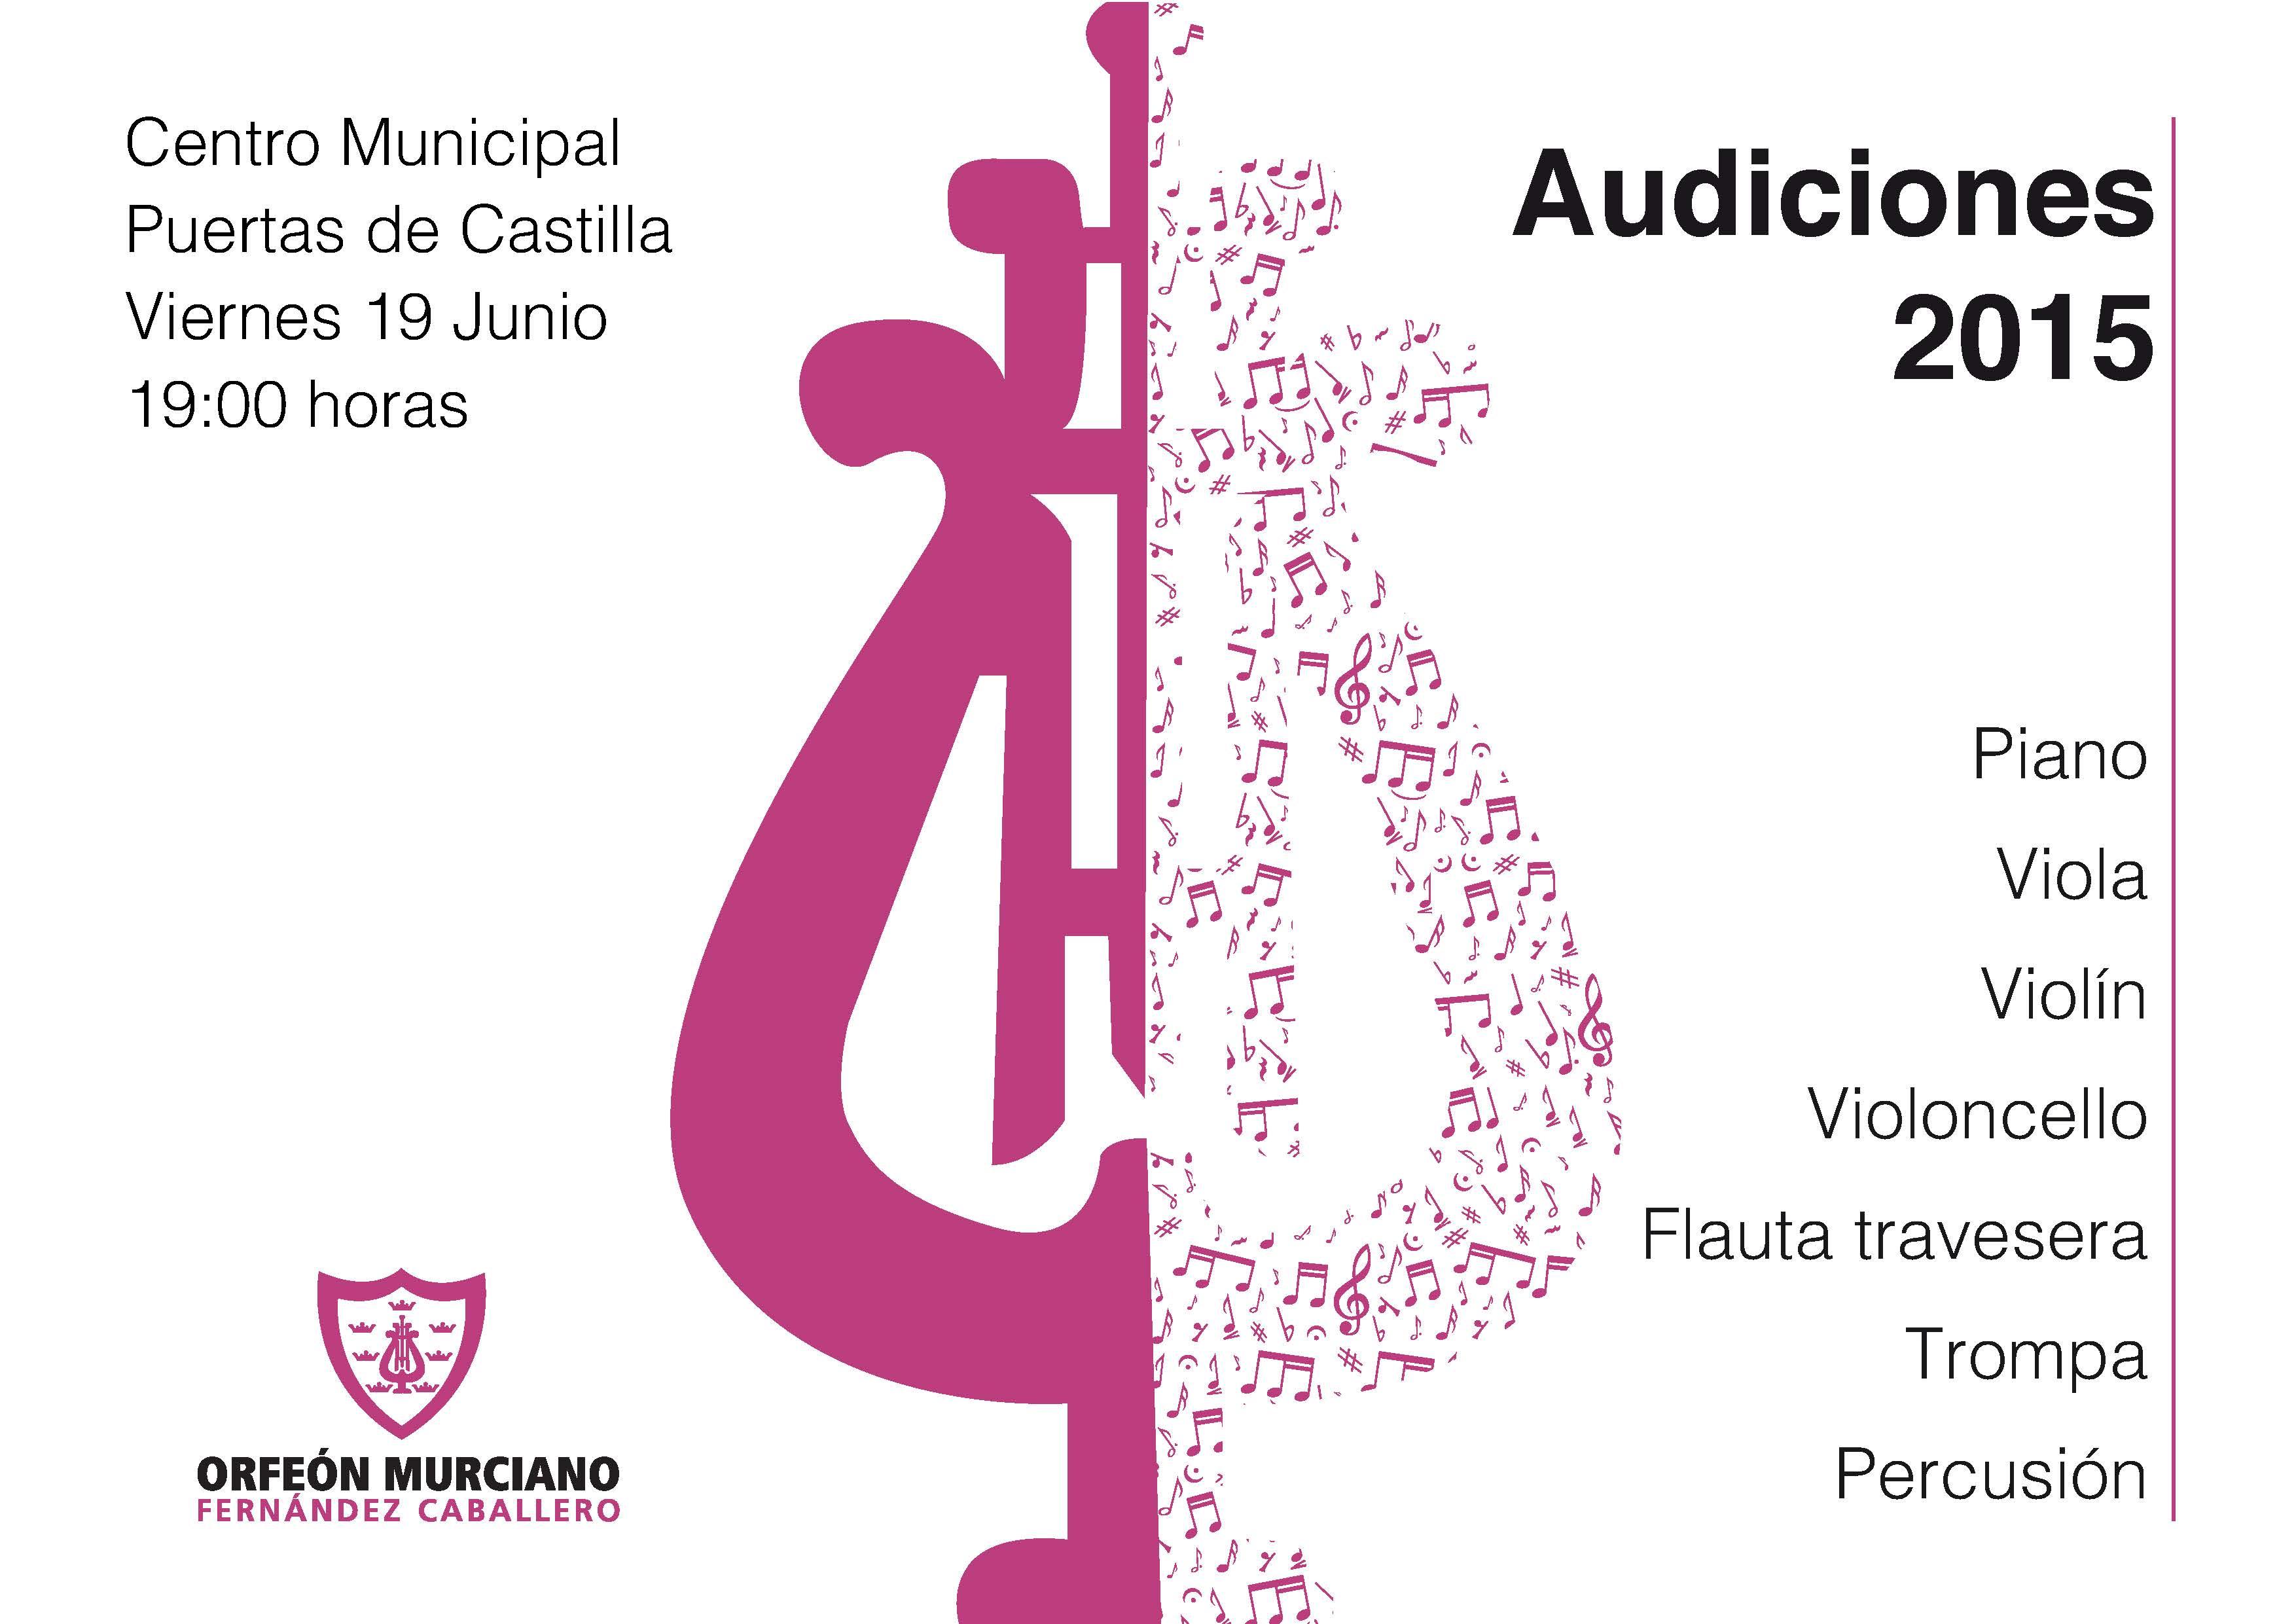 Audición 2015